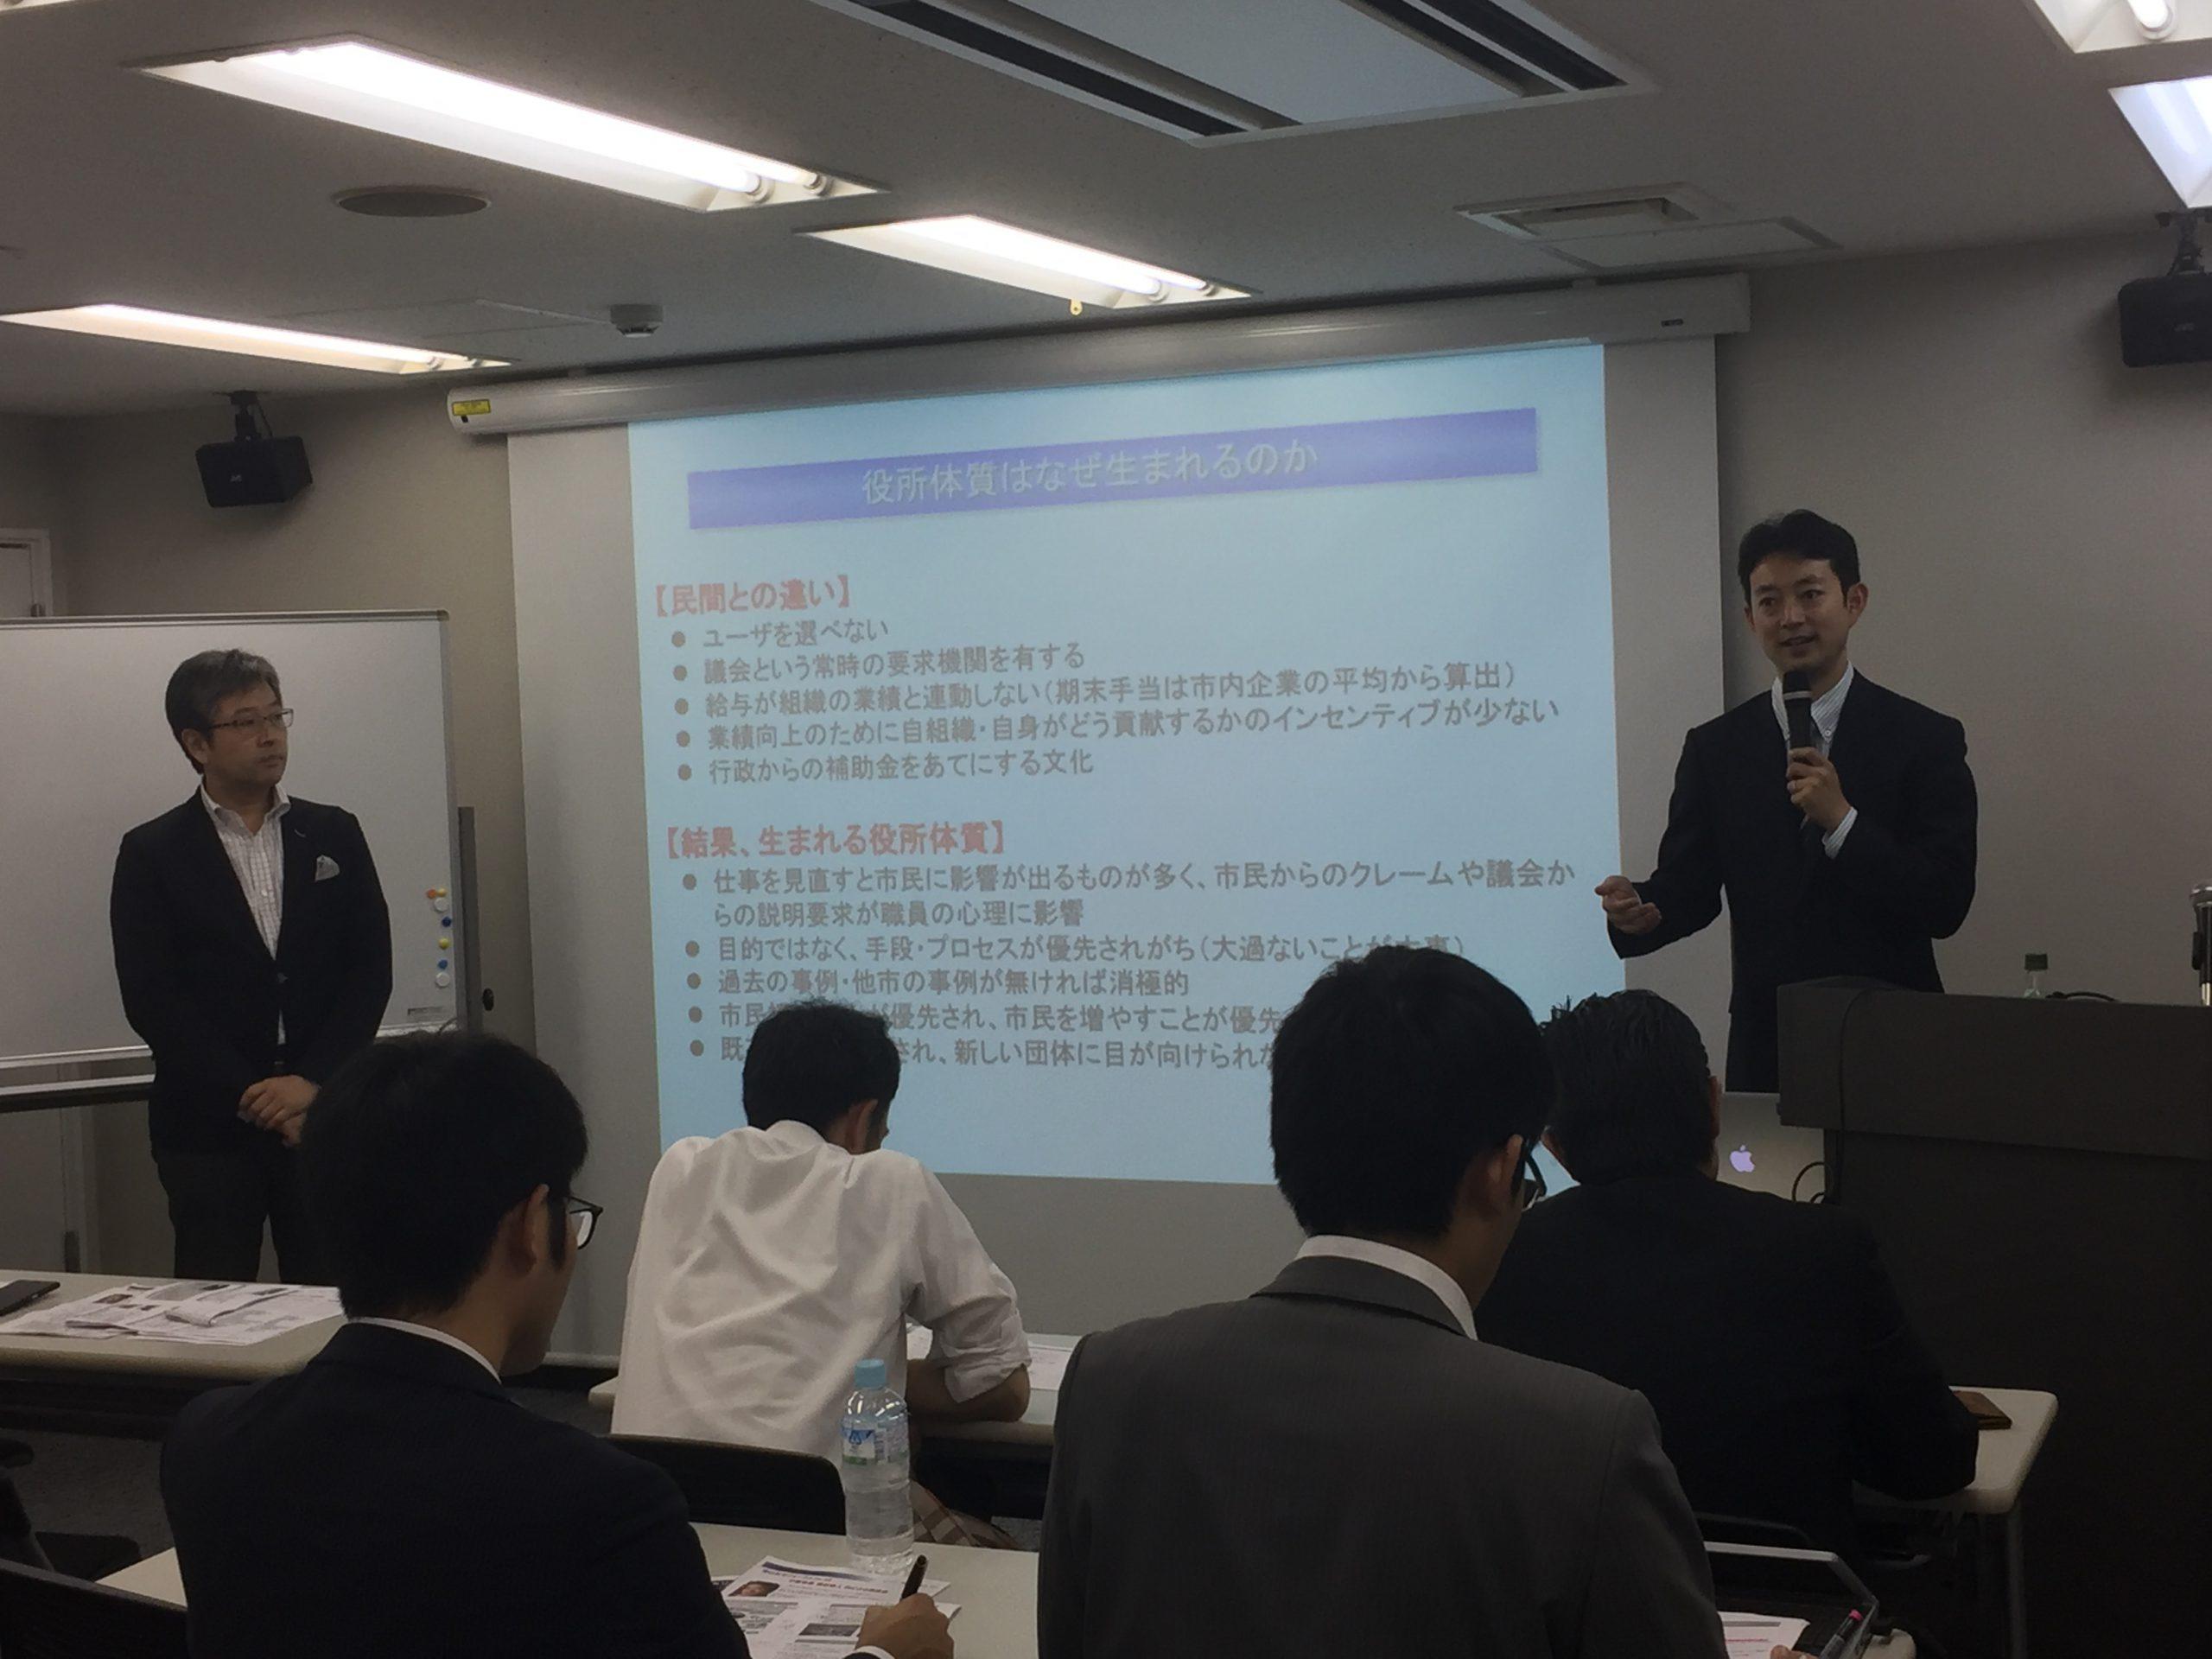 第38回 千葉市長 熊谷俊人 氏による講演会(2017/10/17)